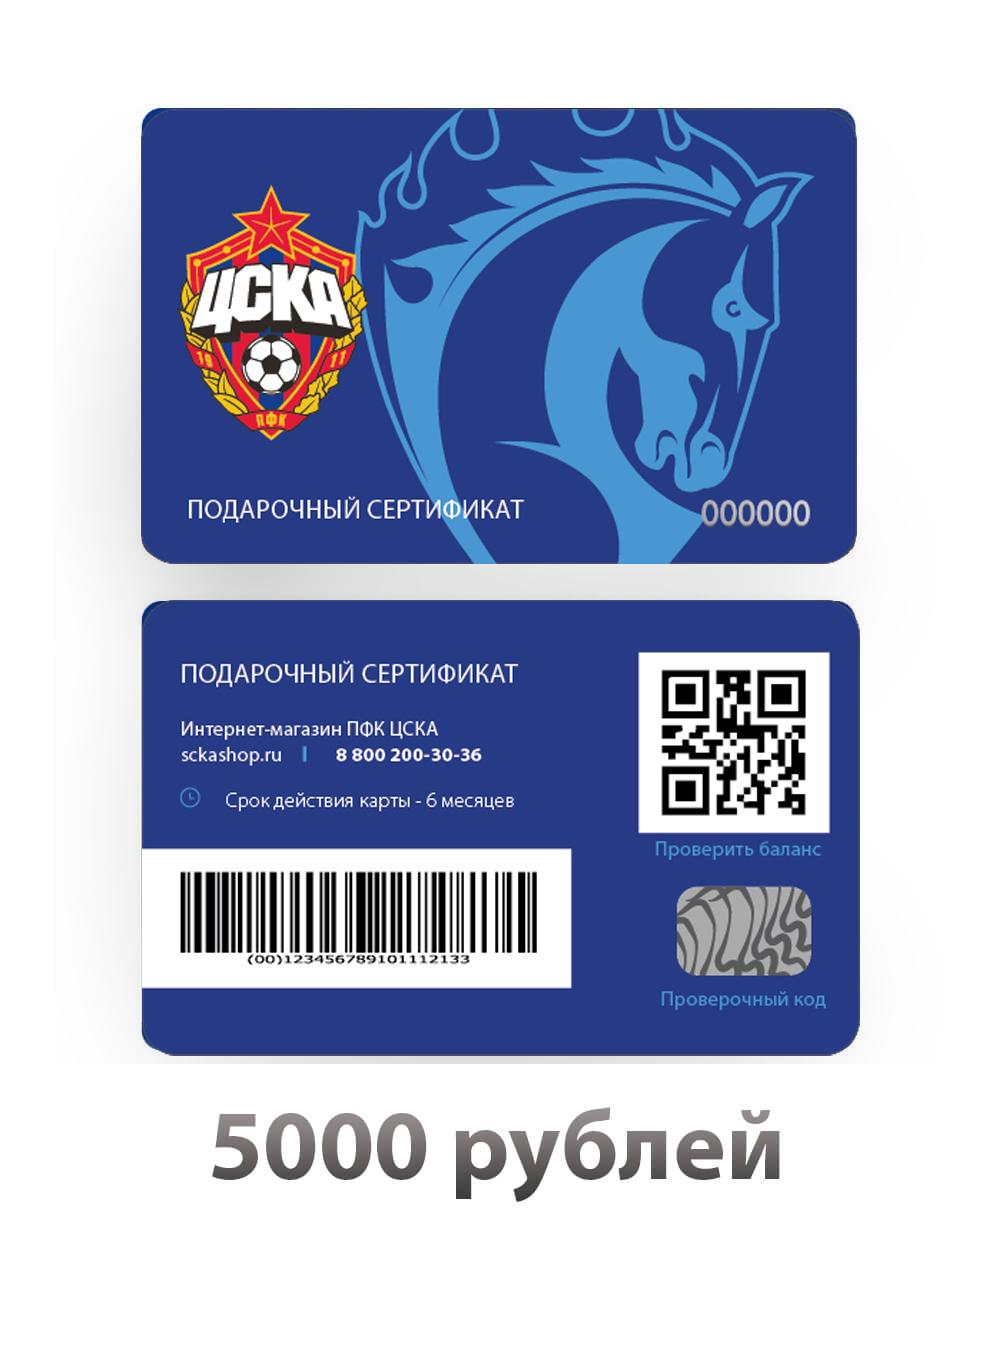 Купить Подарочный сертификат на 5000 рублей (Подарочная карта на 5000 рублей) по Нижнему Новгороду